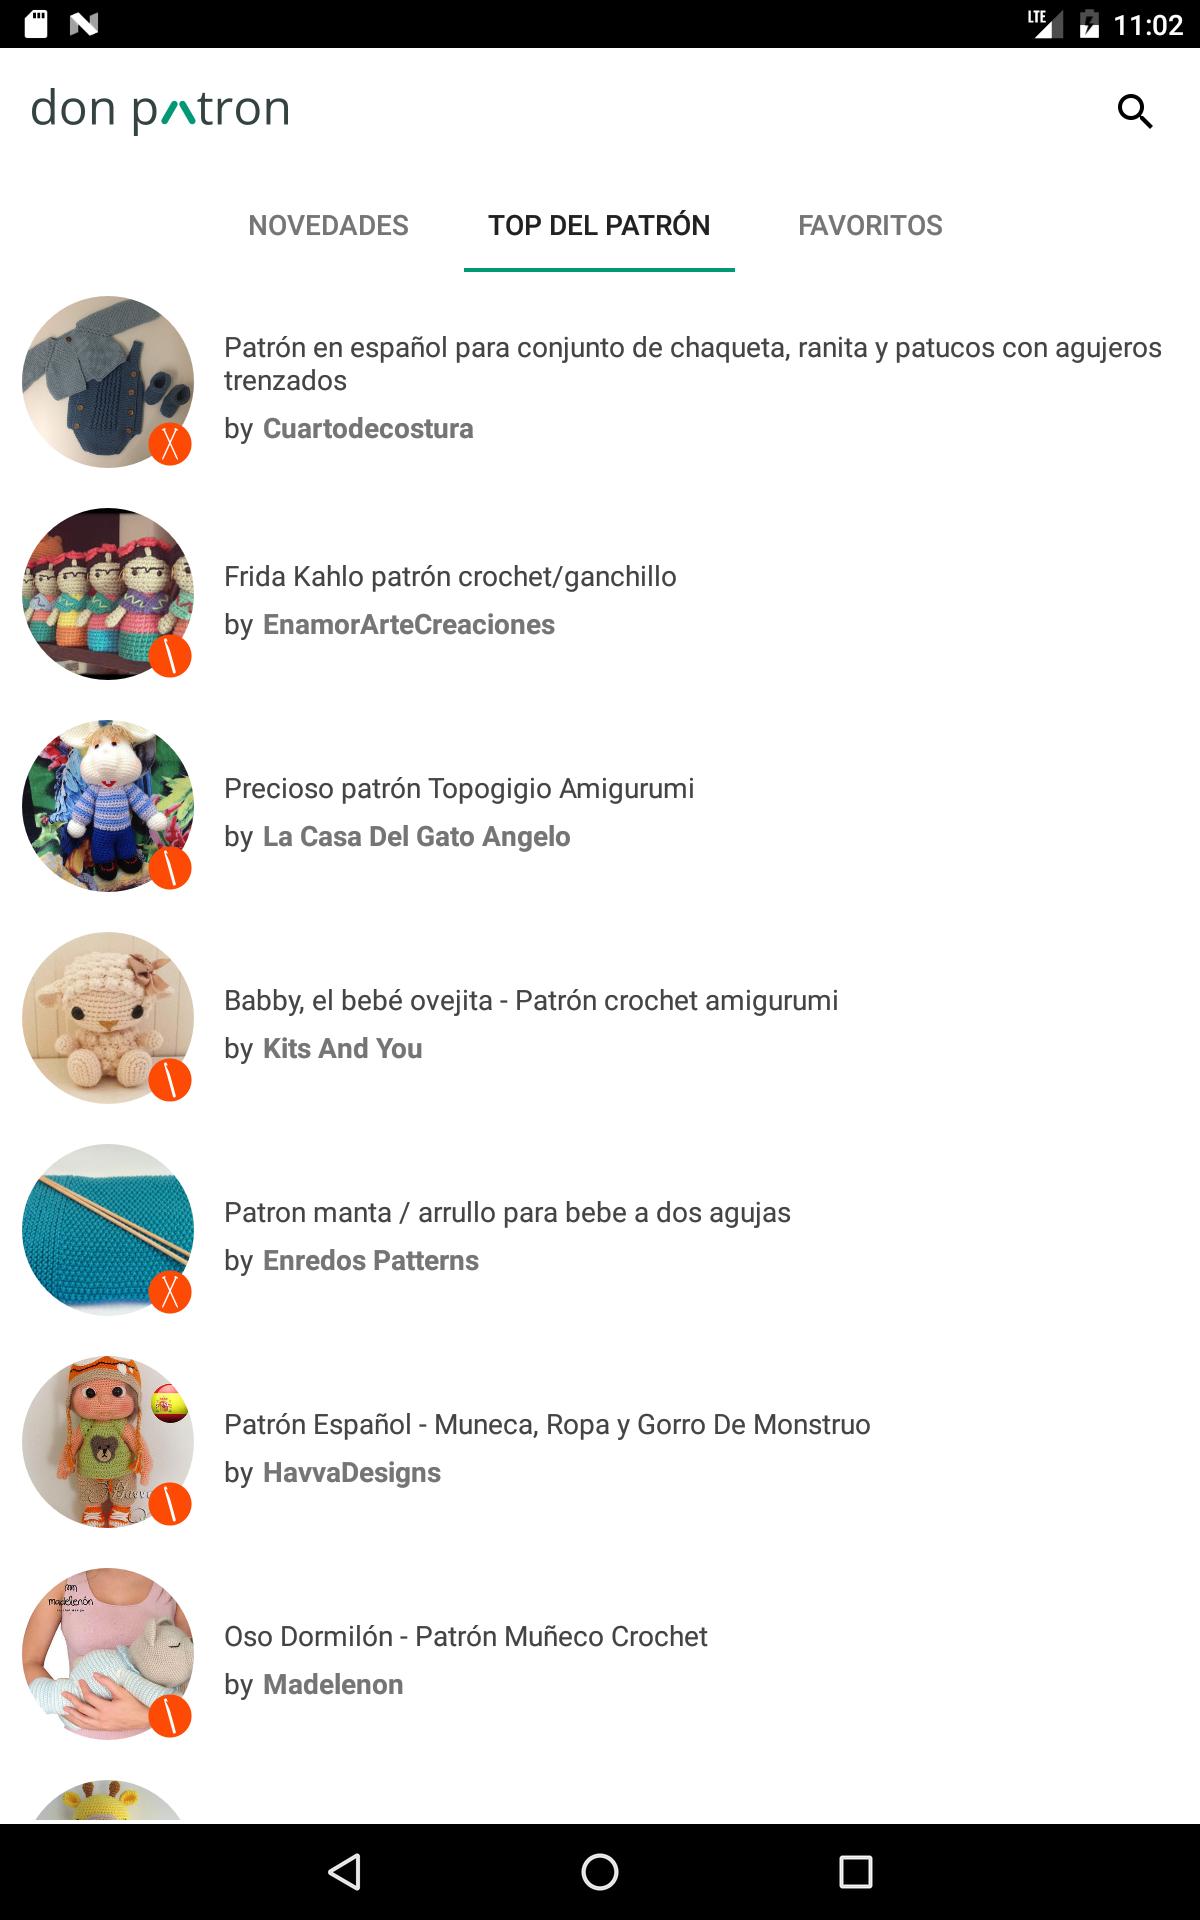 donpatron - Patrones punto: Amazon.de: Apps für Android